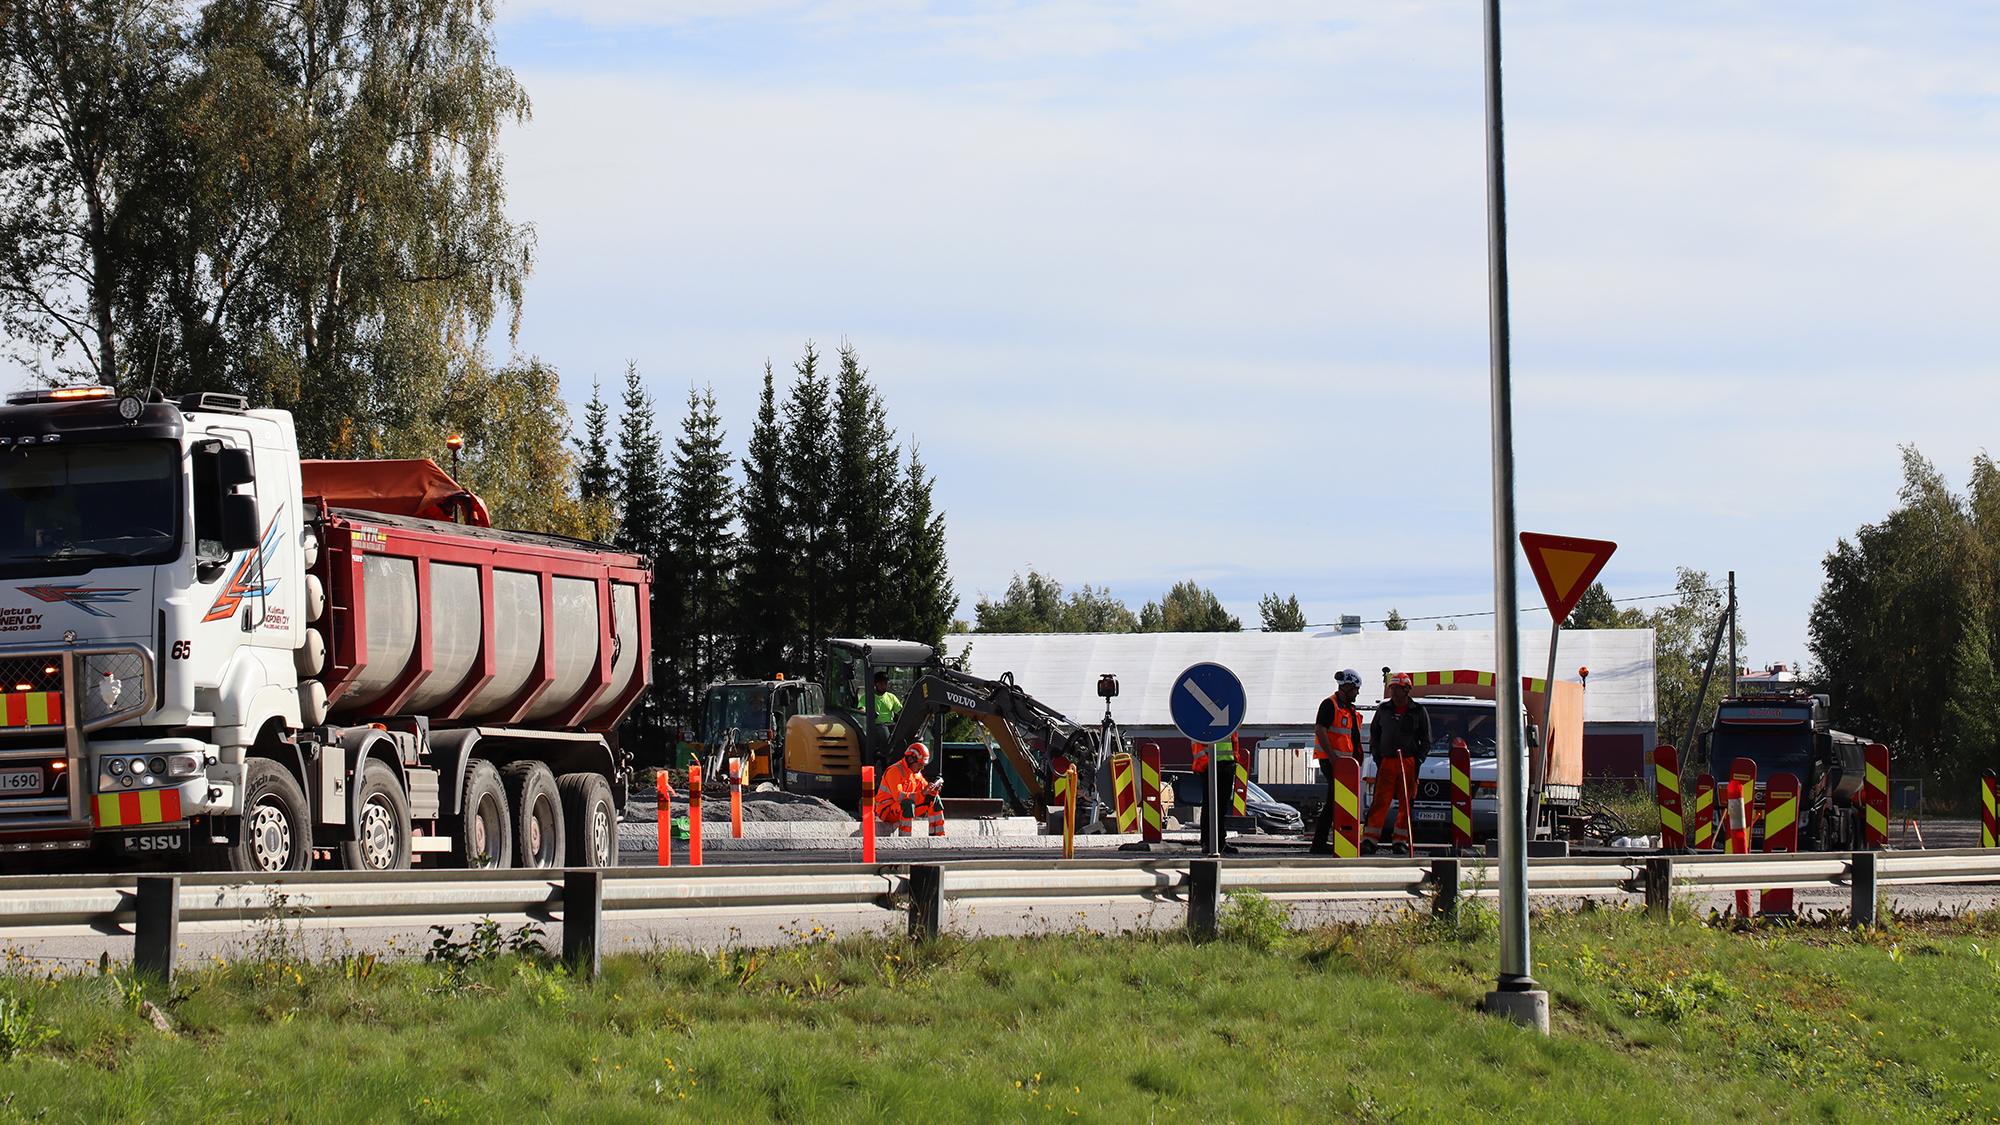 Halkokarin liikenneympyrän rakennustyömaa kesällä. Kuvan vasemmassa laidassa on tien varteen pysäköity kuorma-auto ja sen takana työmaa, jossa työntekijöitä ja työntekoon tarvittavaa kalustoa.